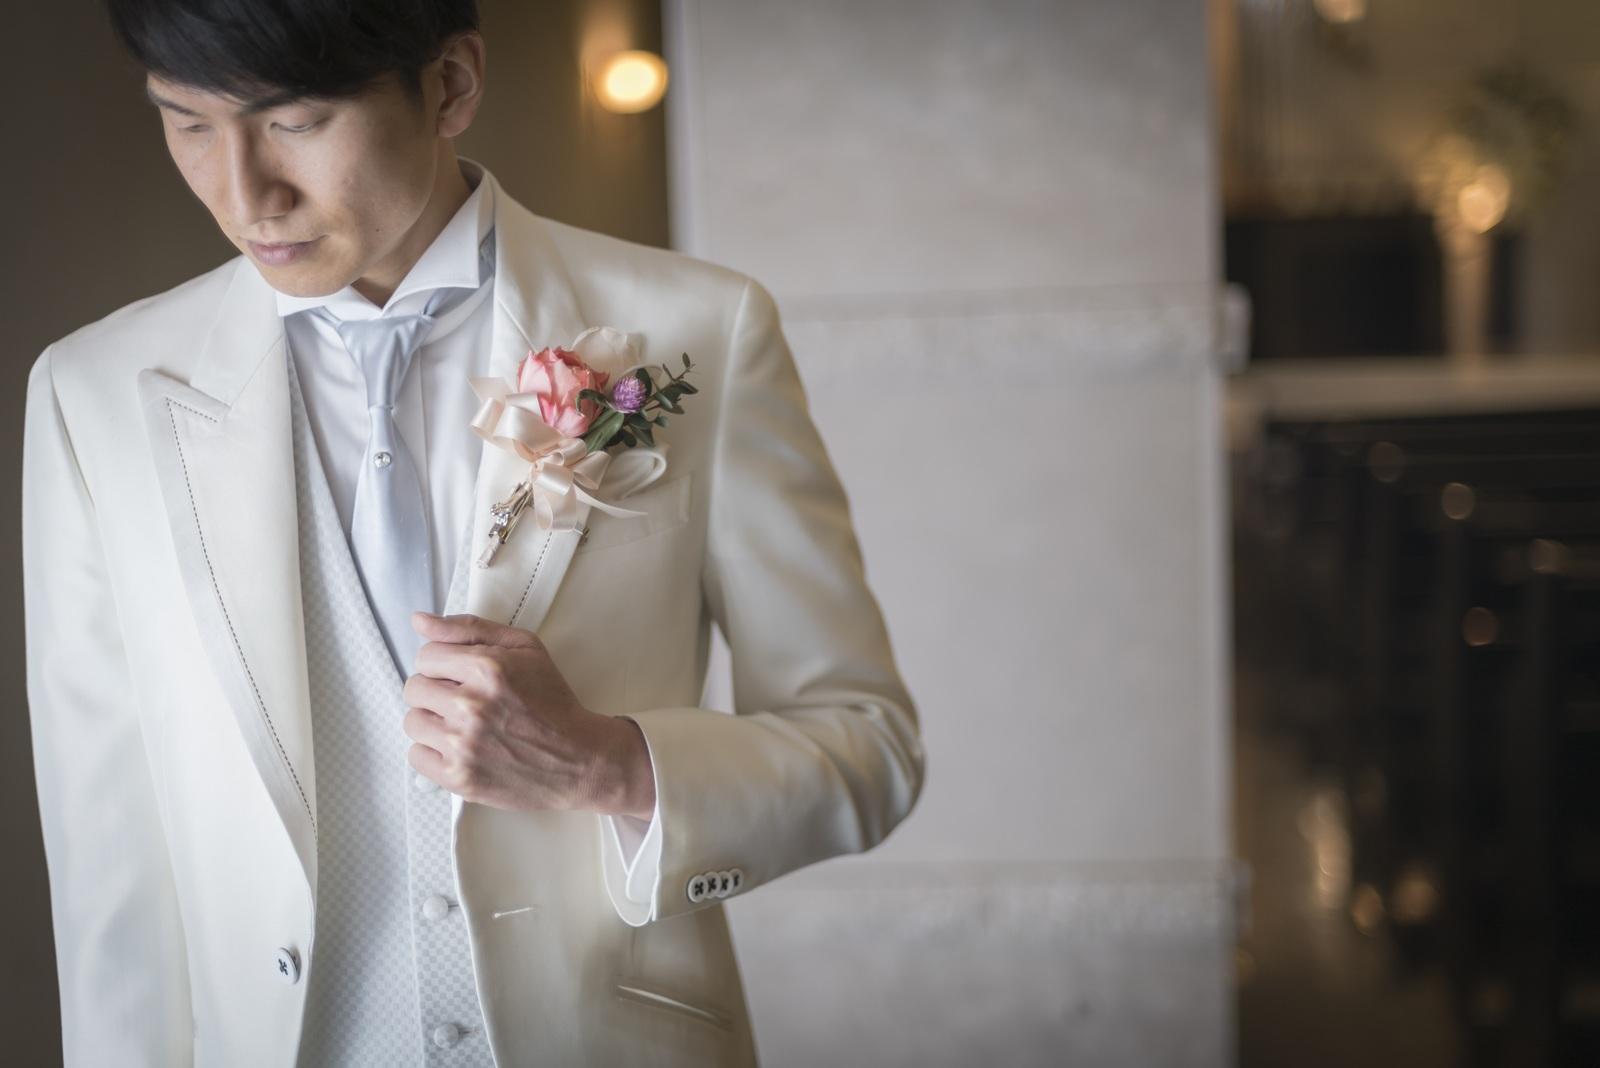 香川県高松市の結婚式場シェルエメール&アイスタイル 新郎